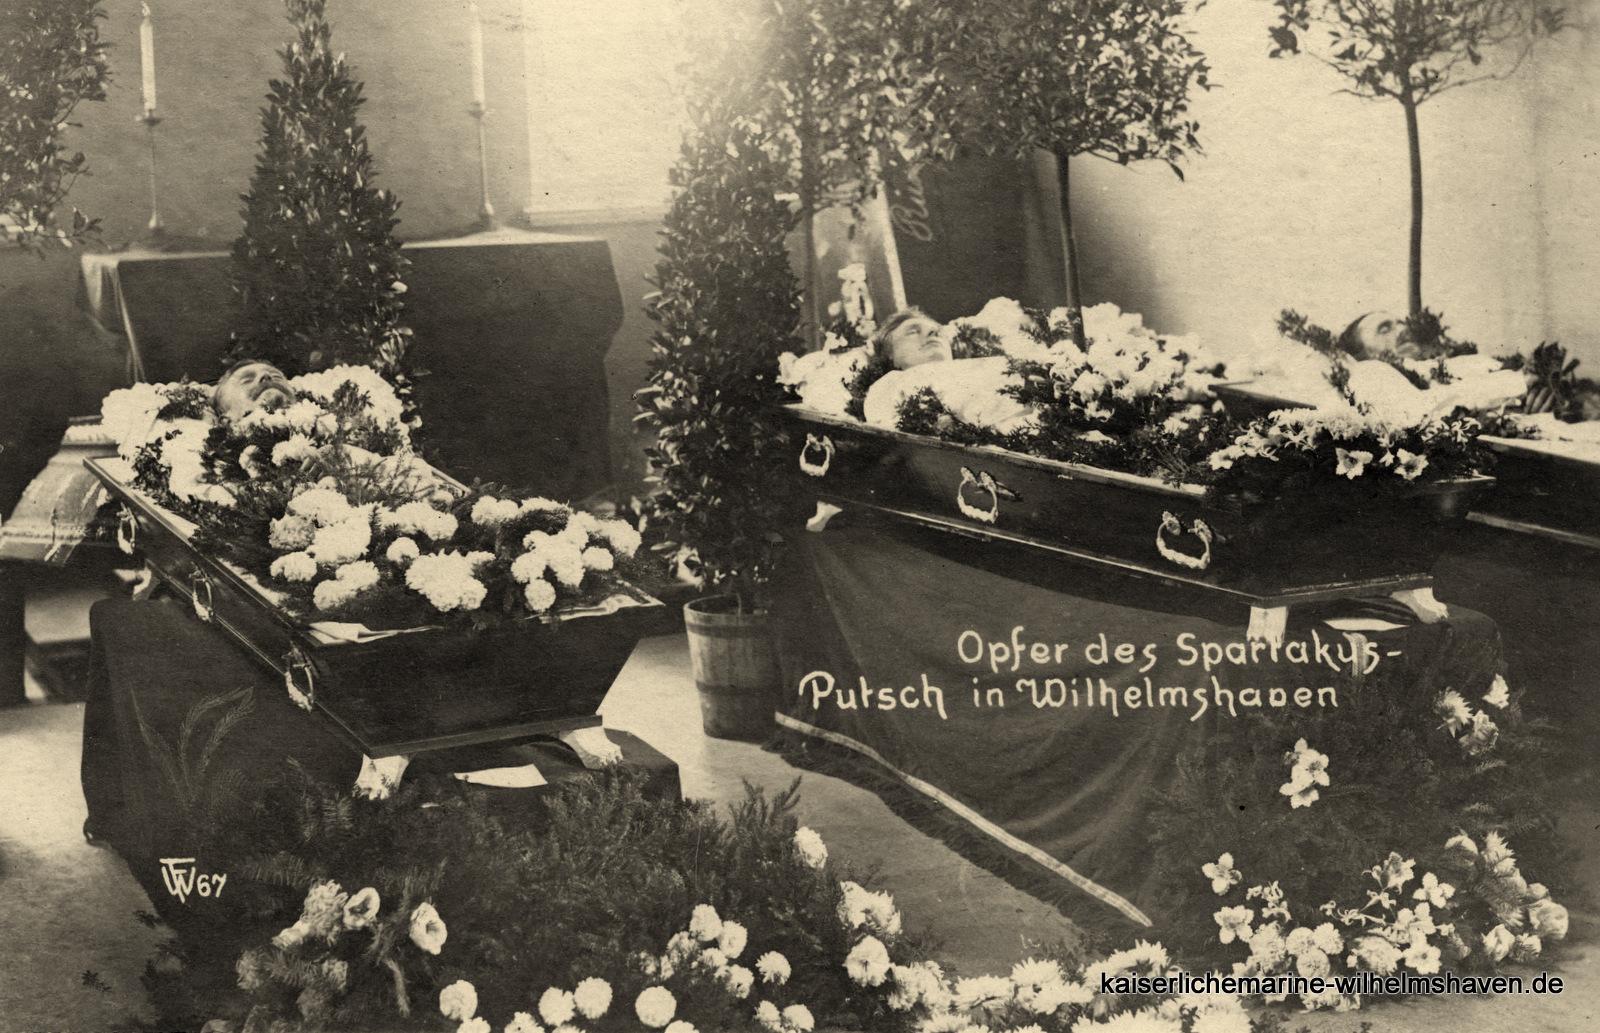 Drei der in der Kapelle des Garnisonlazaretts aufgebahrten Toten